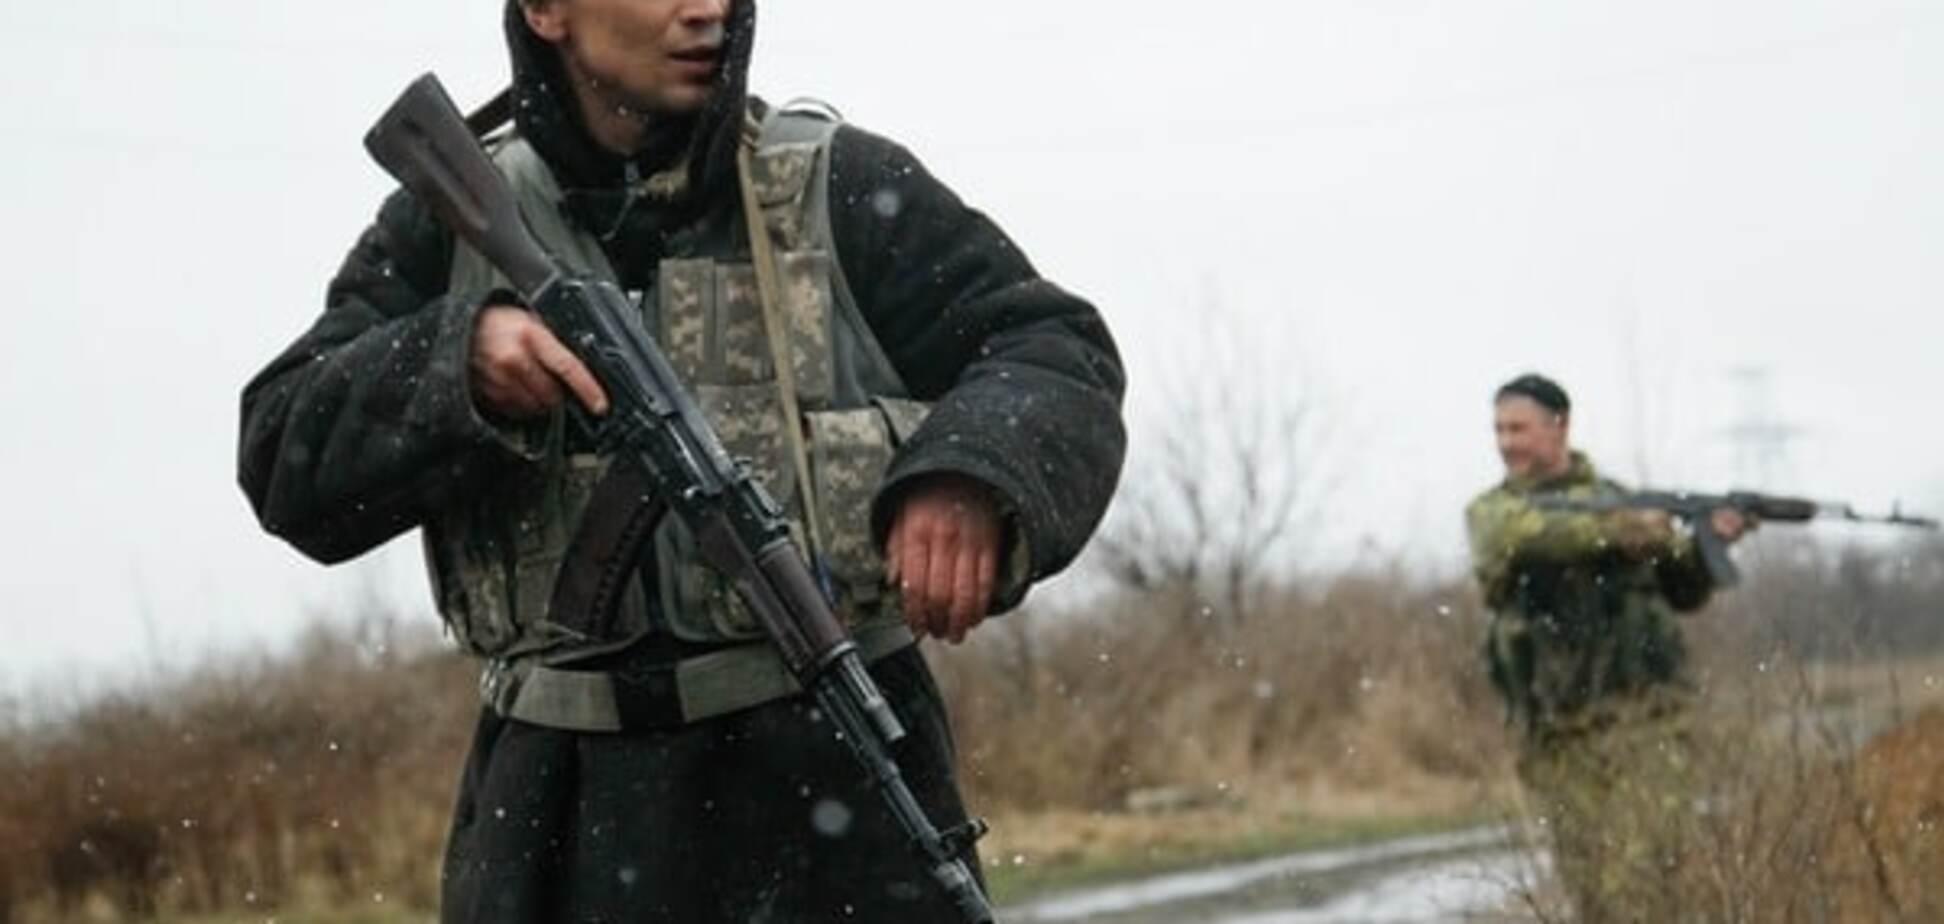 Терористи на Донбасі майже дотримуються перемир'я, розвідка повідомляє про бойову готовність